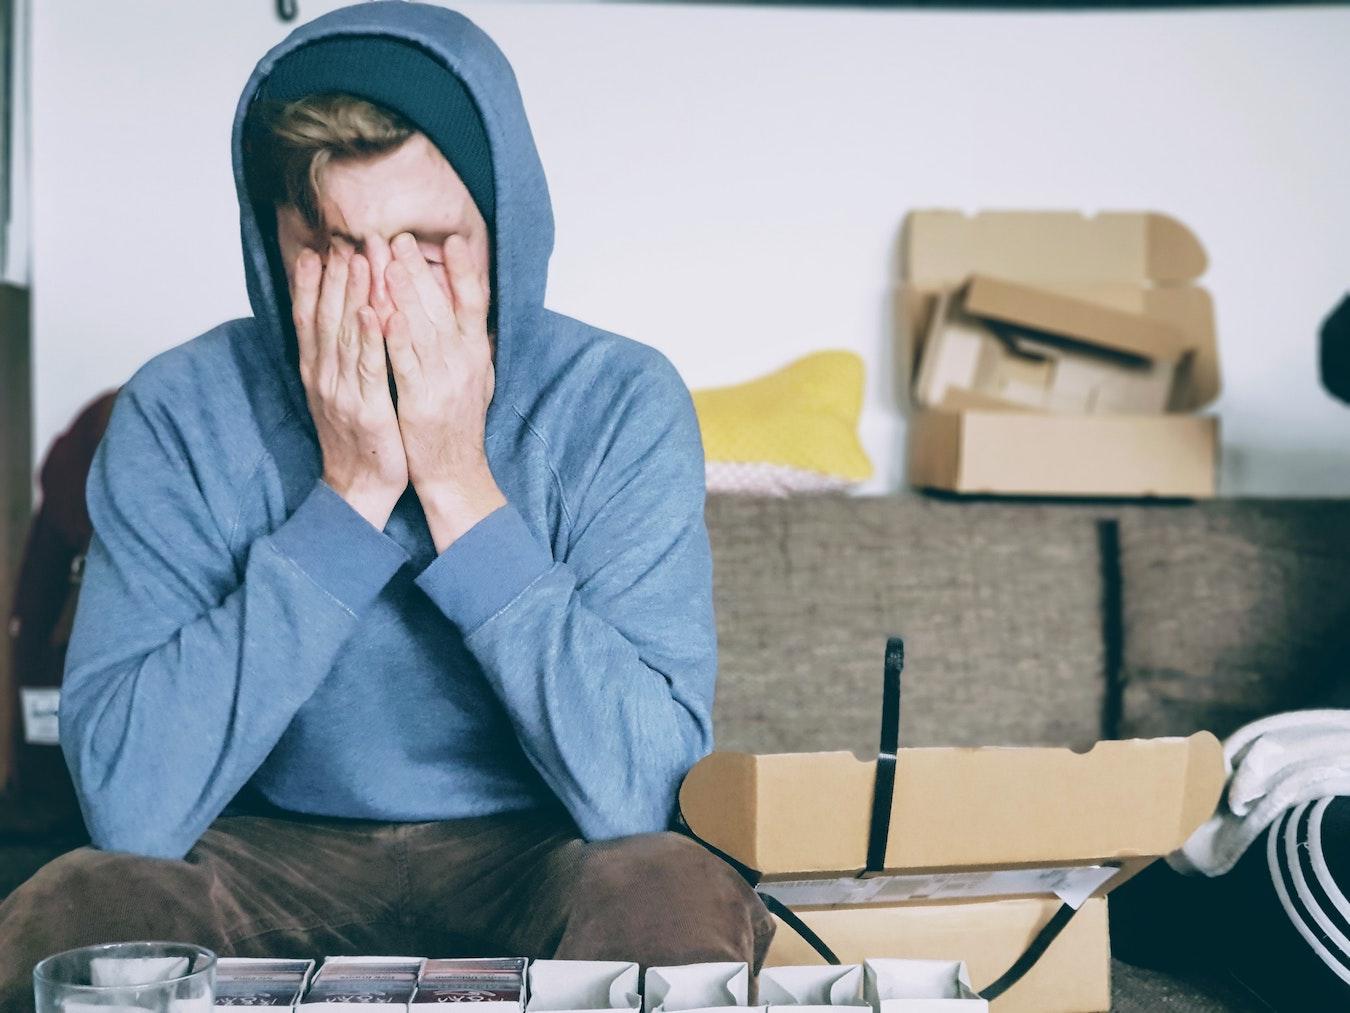 junger Mann hat ein Gedankenkarussel im Kopf, denkt viel nach, kann seinen Kopf nicht frei bekommen